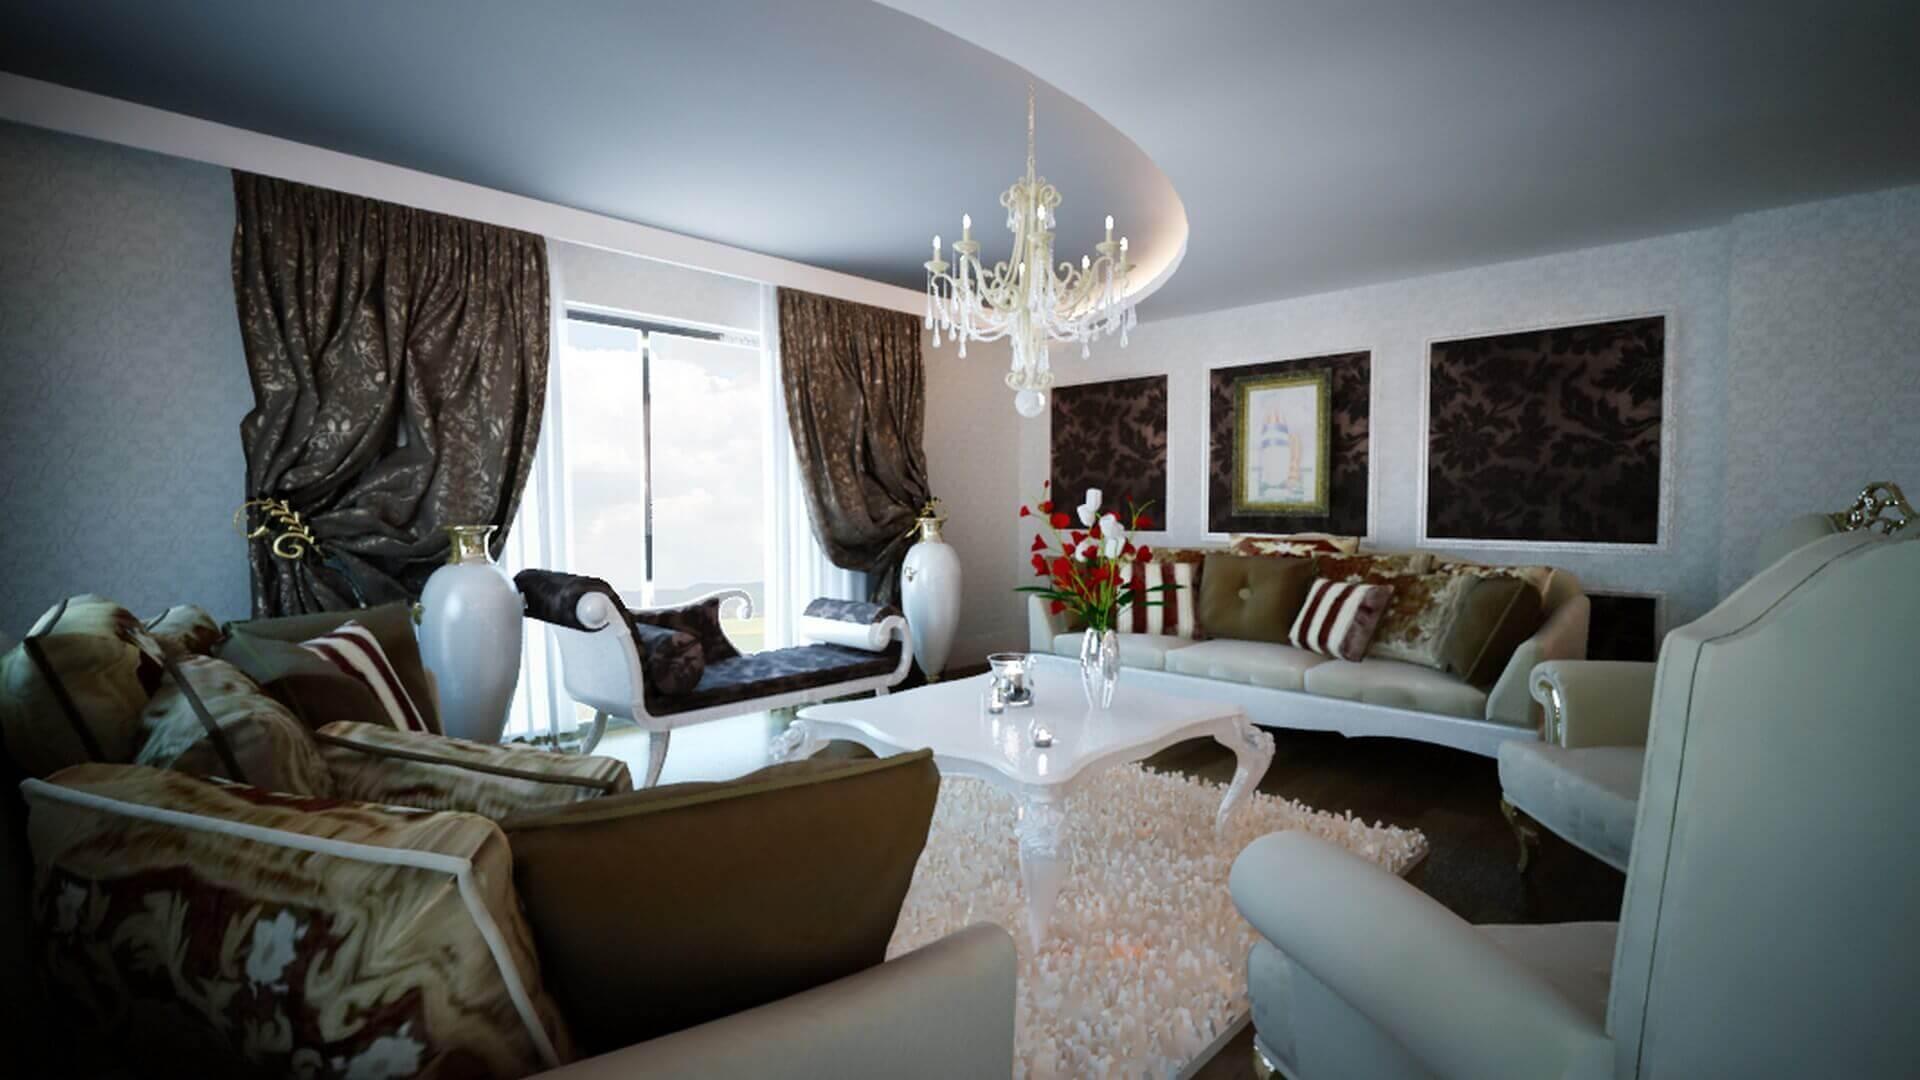 İncek 2909 C. Balta House Residential